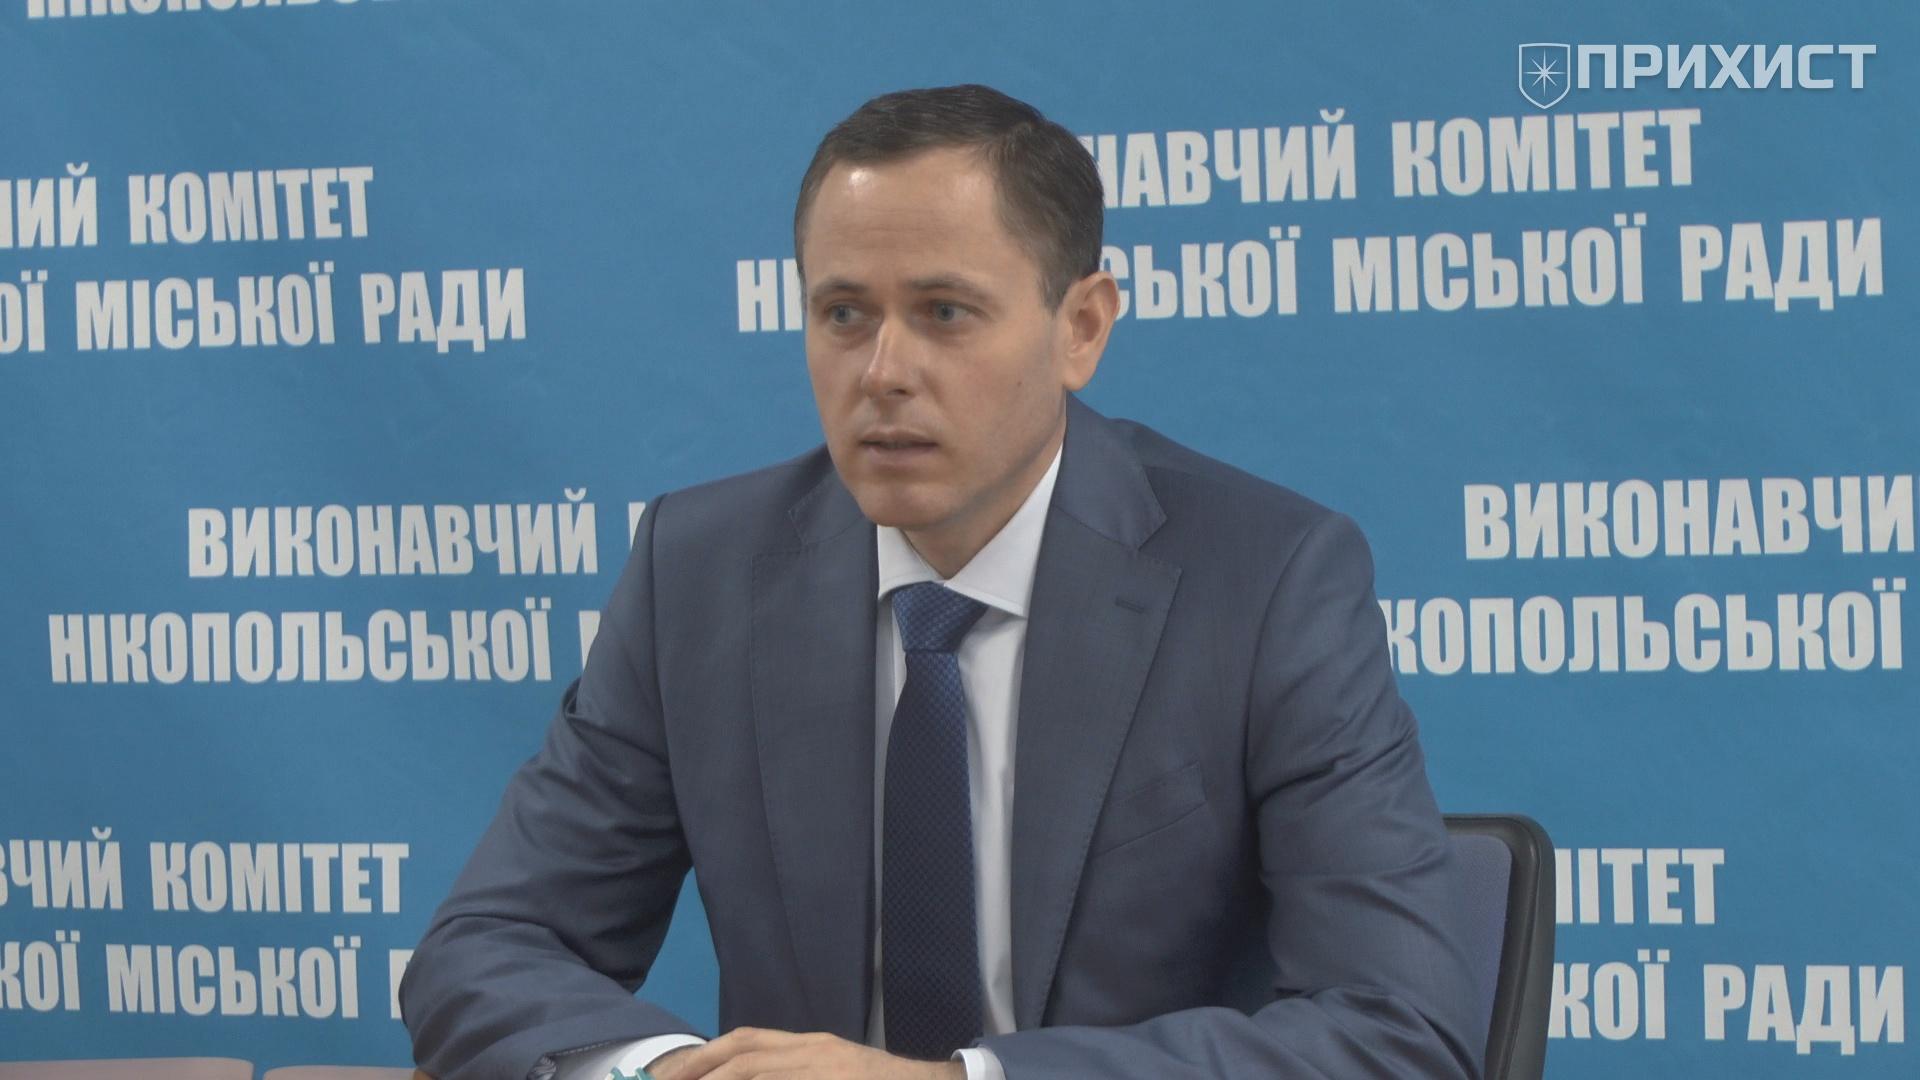 Олександр Саюк дав першу прес-конференцію в якості міського голови | Прихист